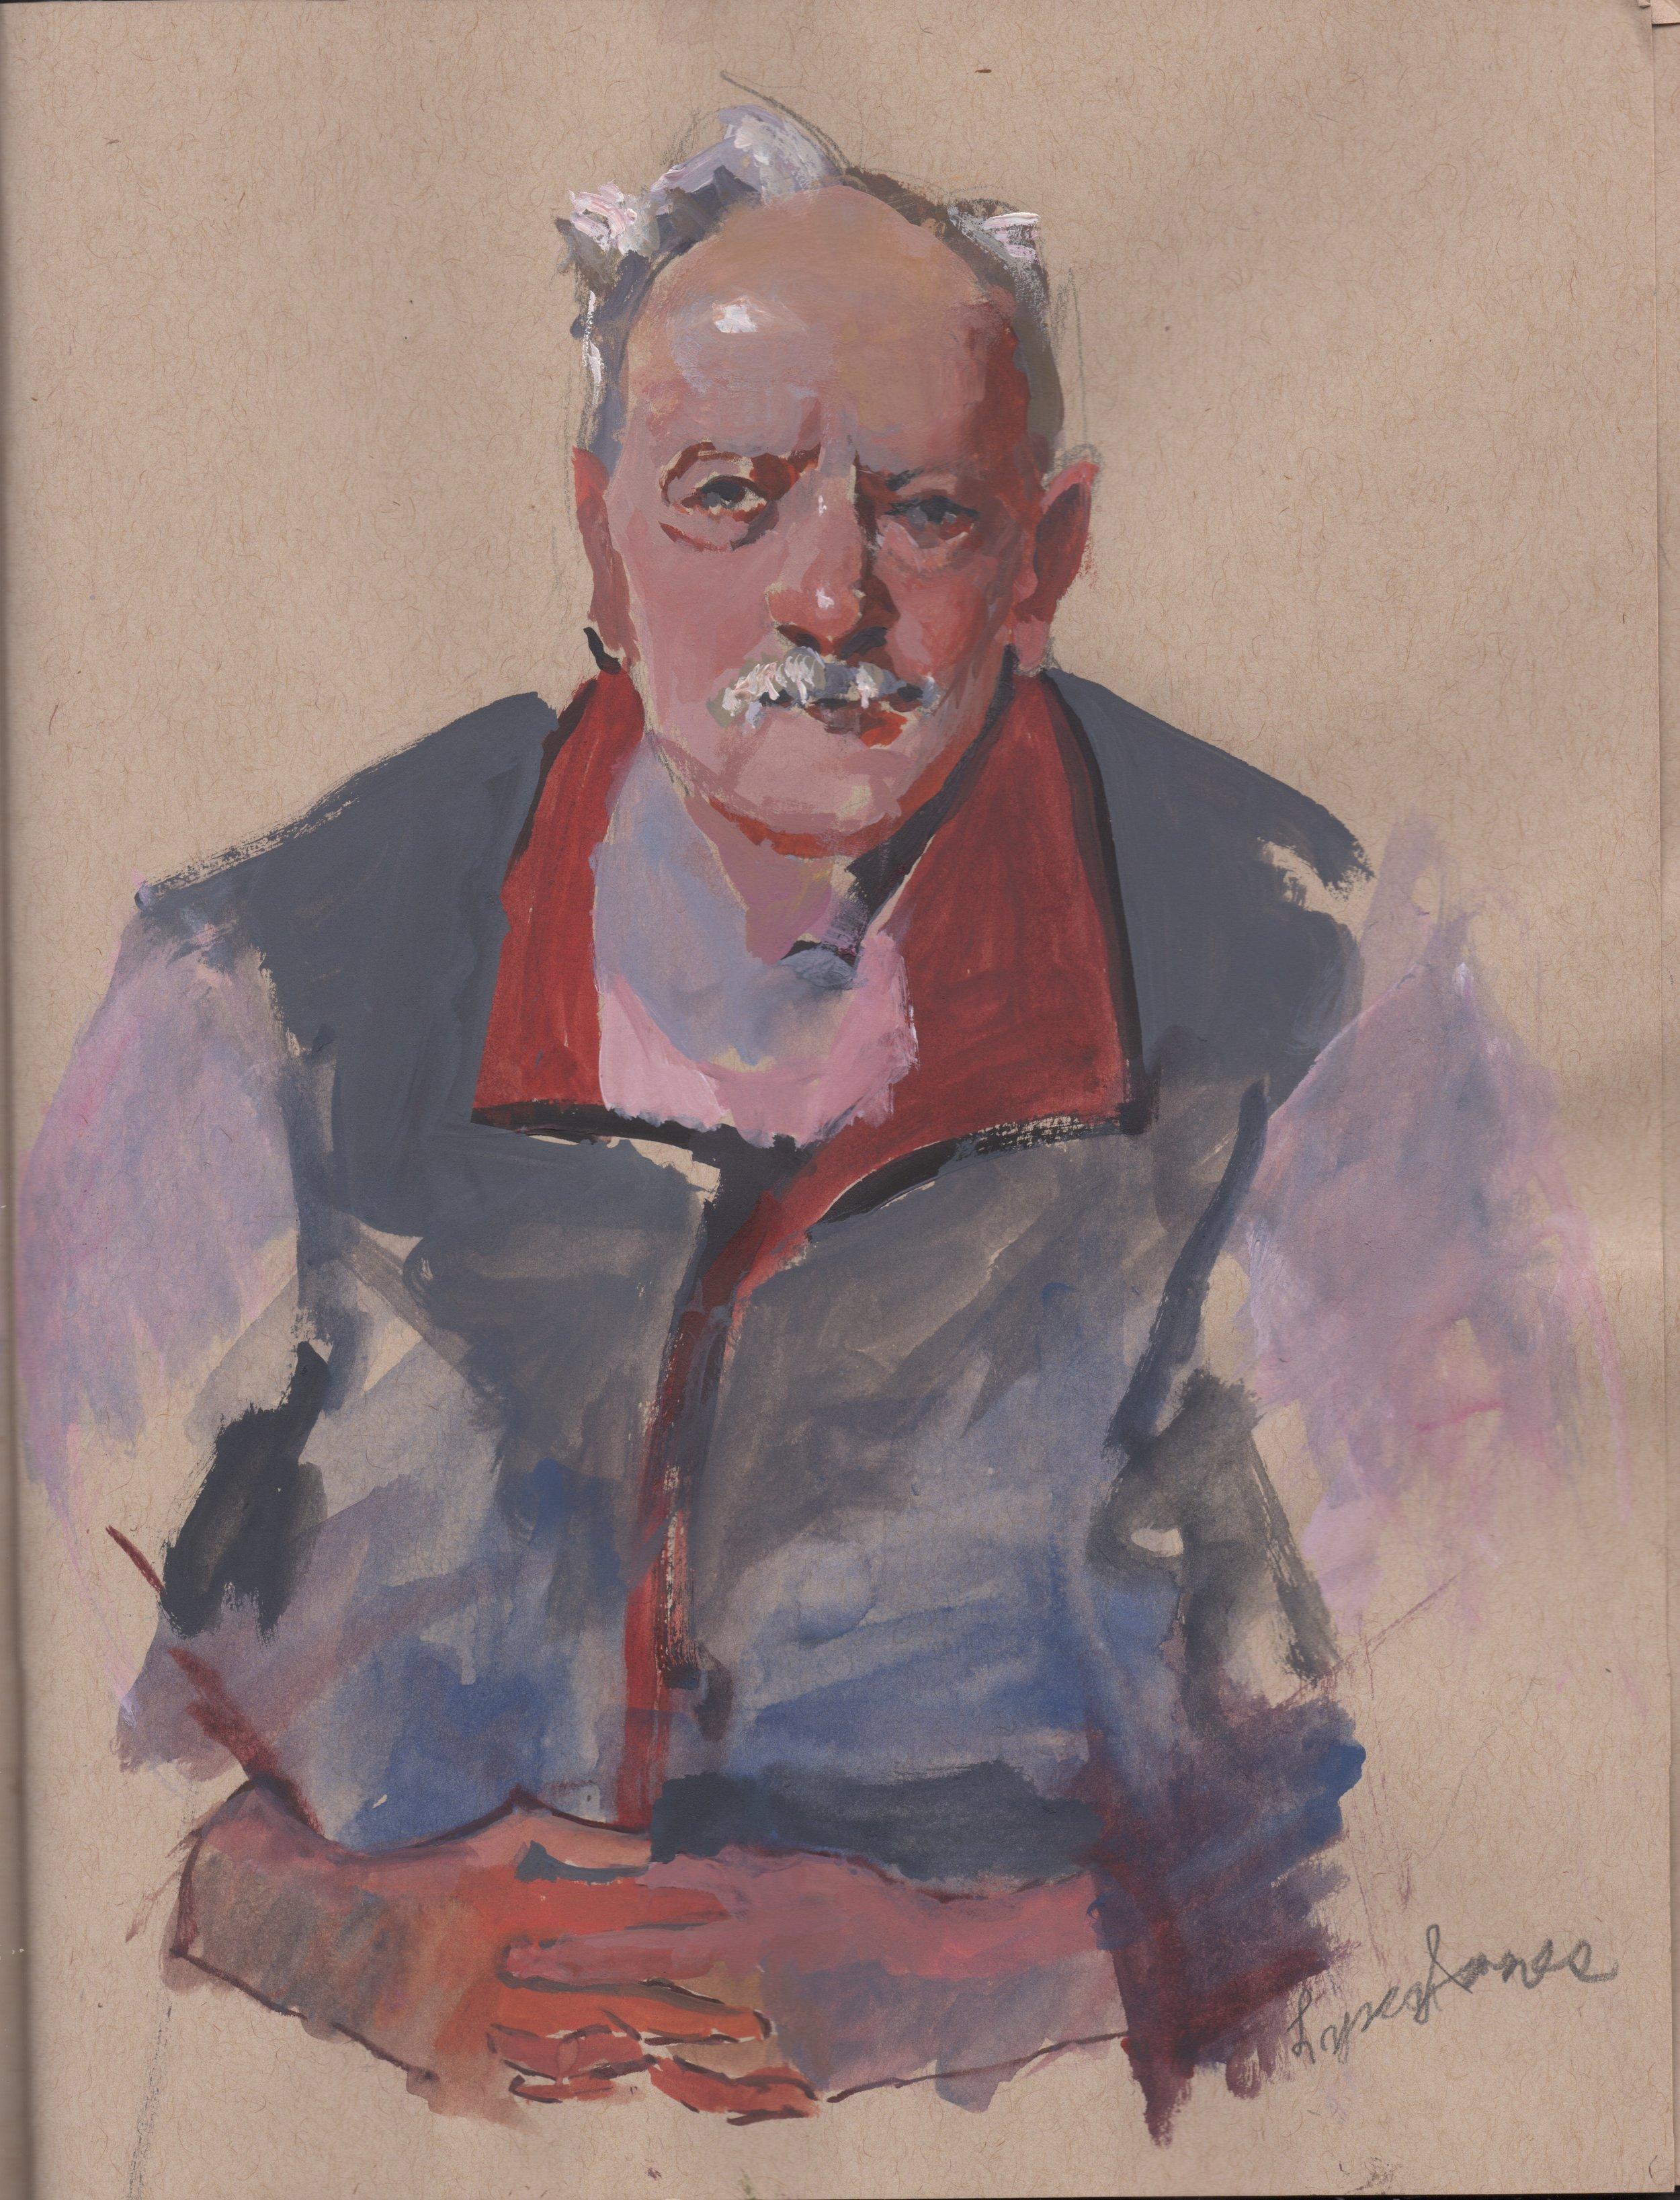 Lyman Jones